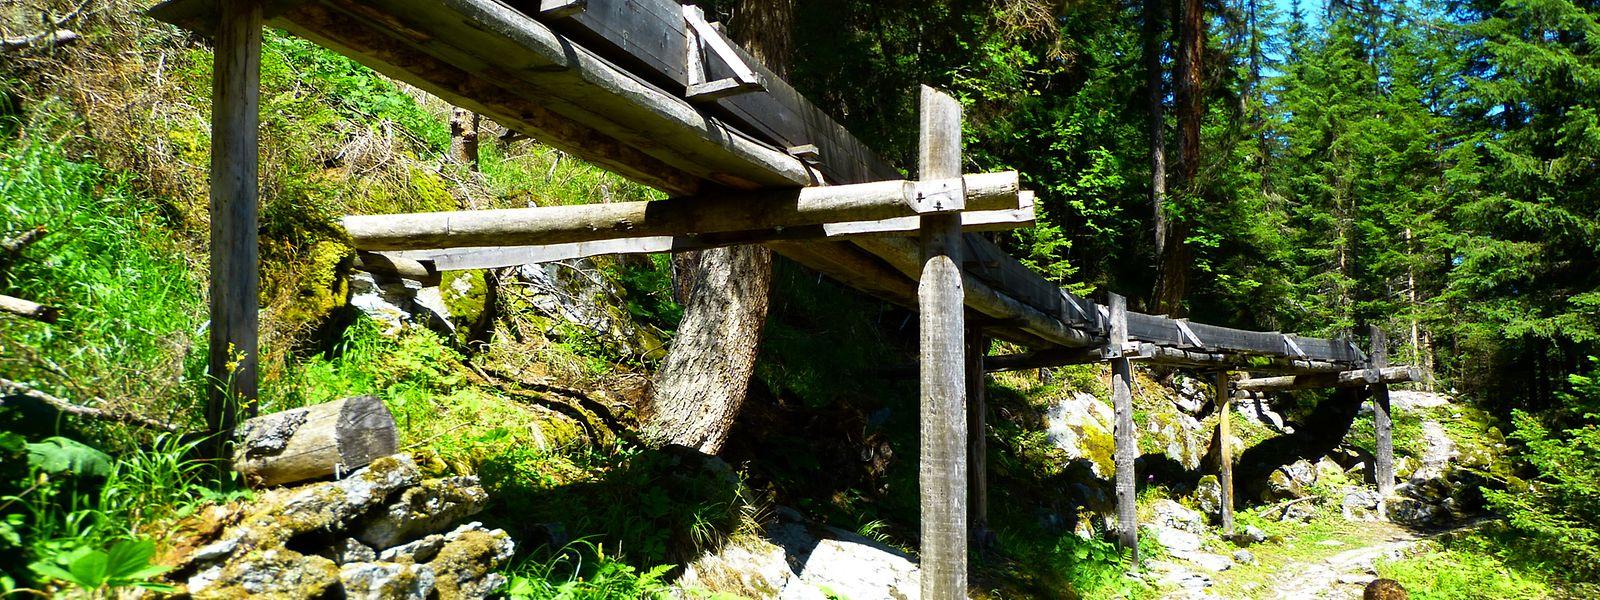 Die Suone  Saxon beeindruckt mit überirdischen Holzkonstruktionen, in denen das Wasser bergab plätschert.